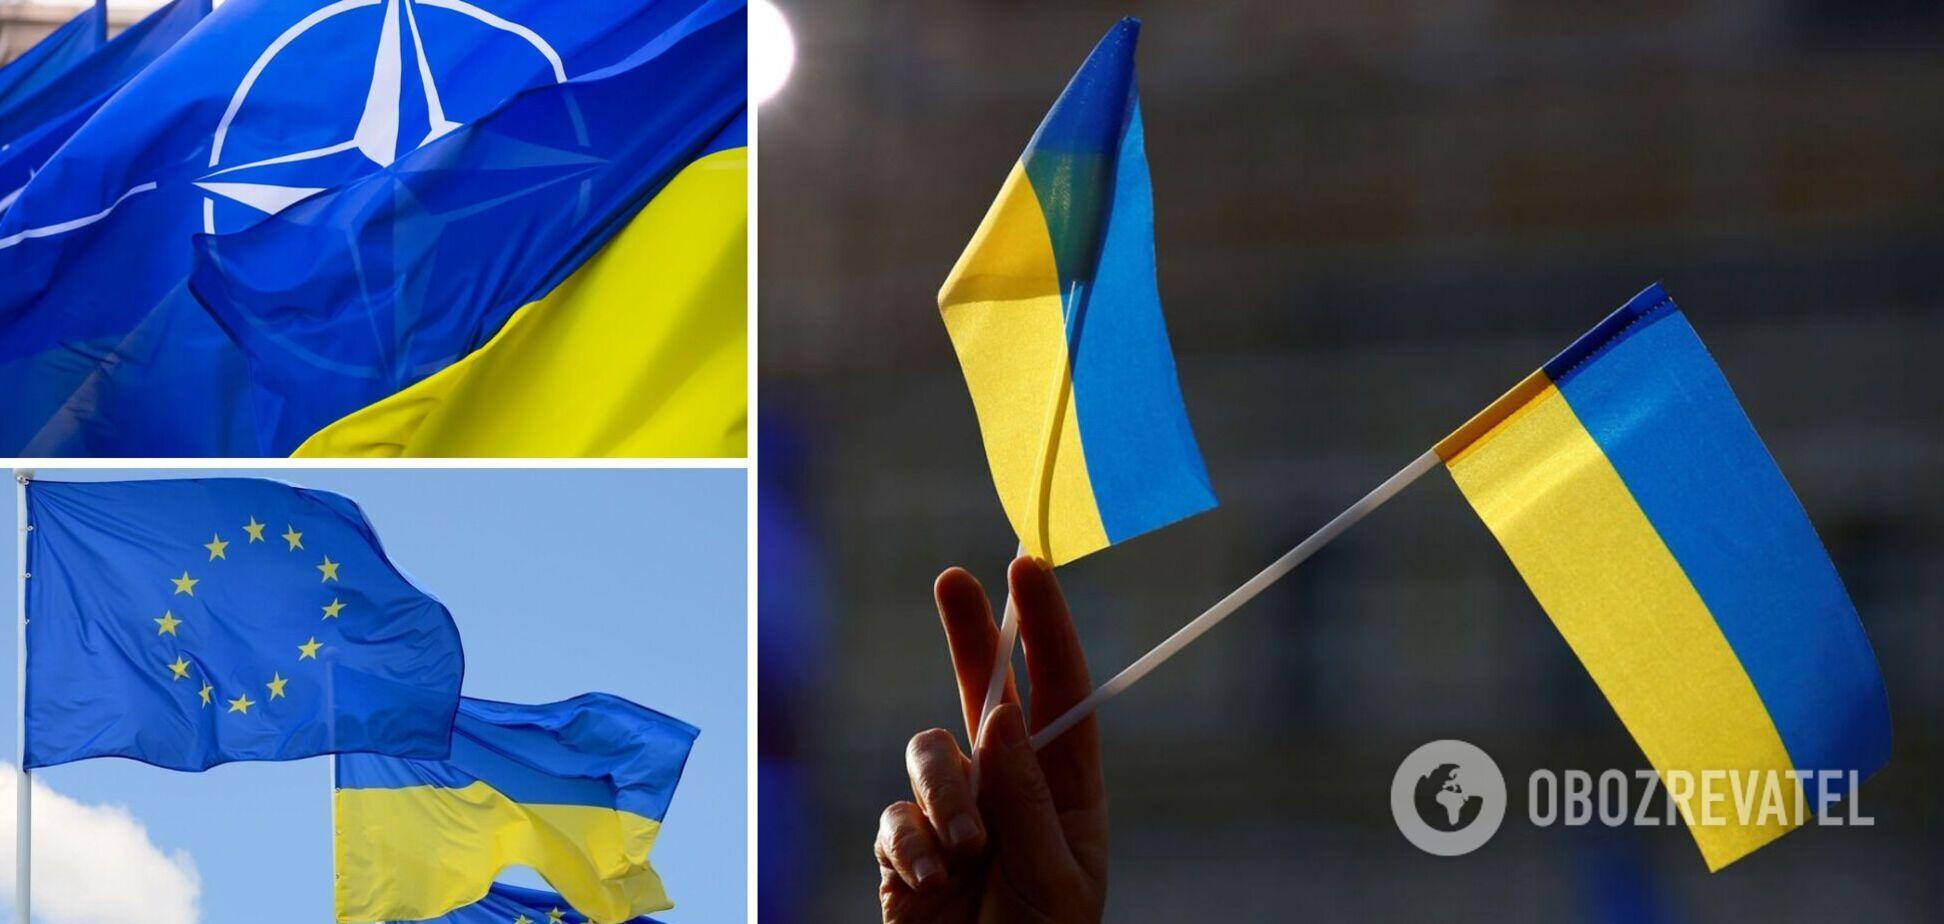 Стремление Украины в НАТО и ЕС